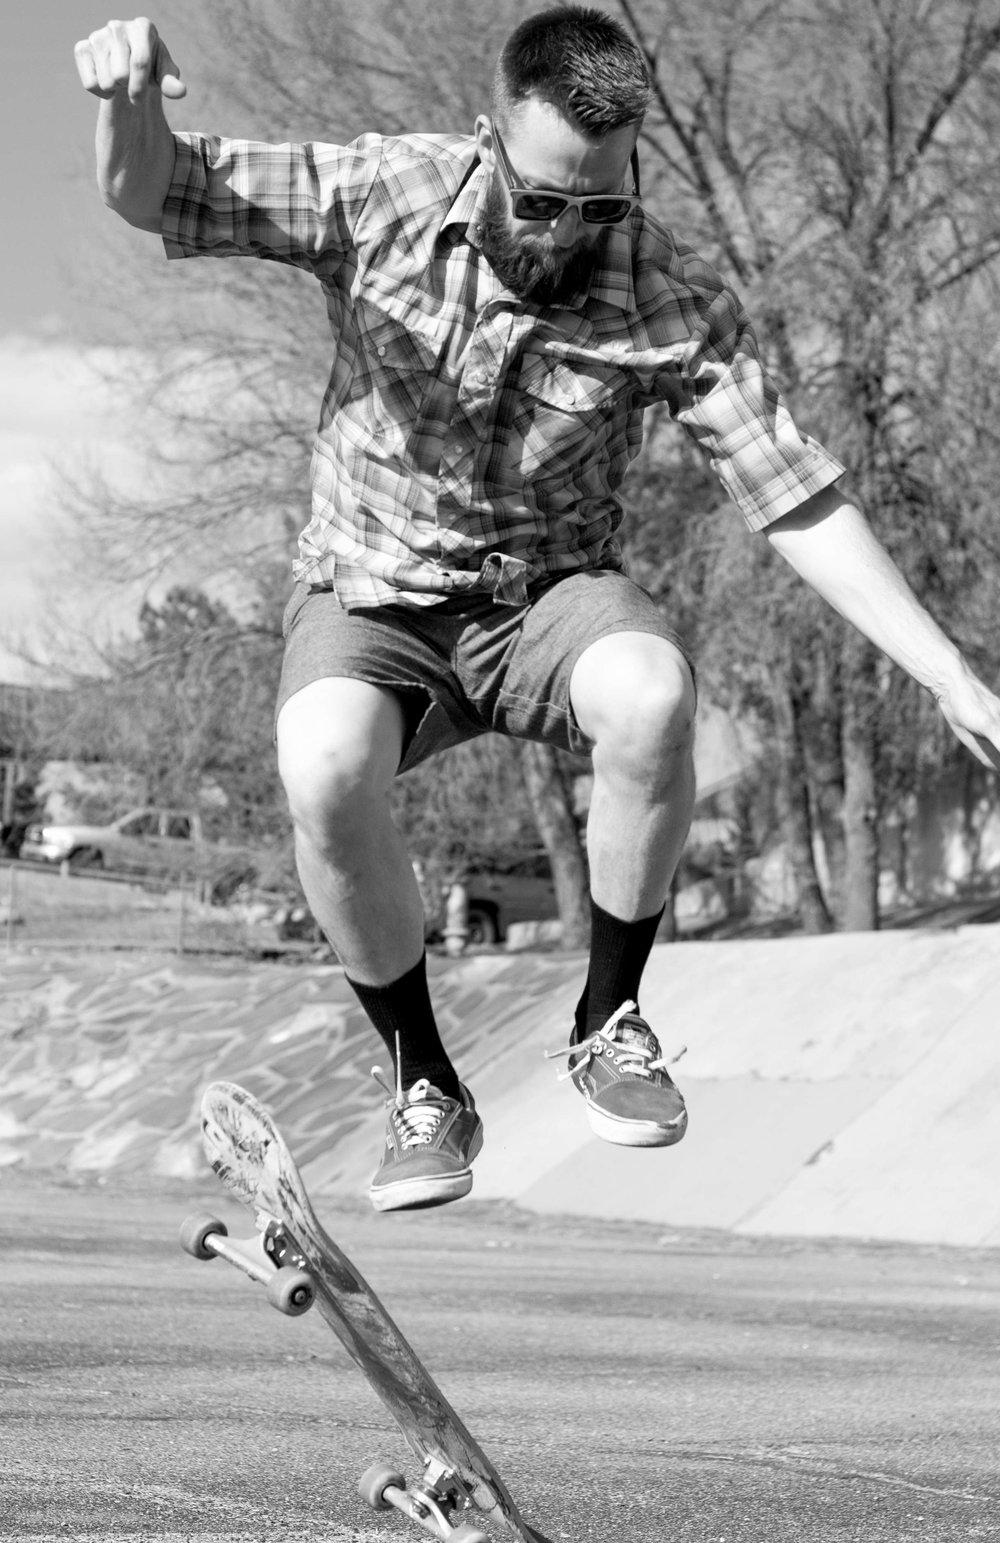 Skateboarder Jump